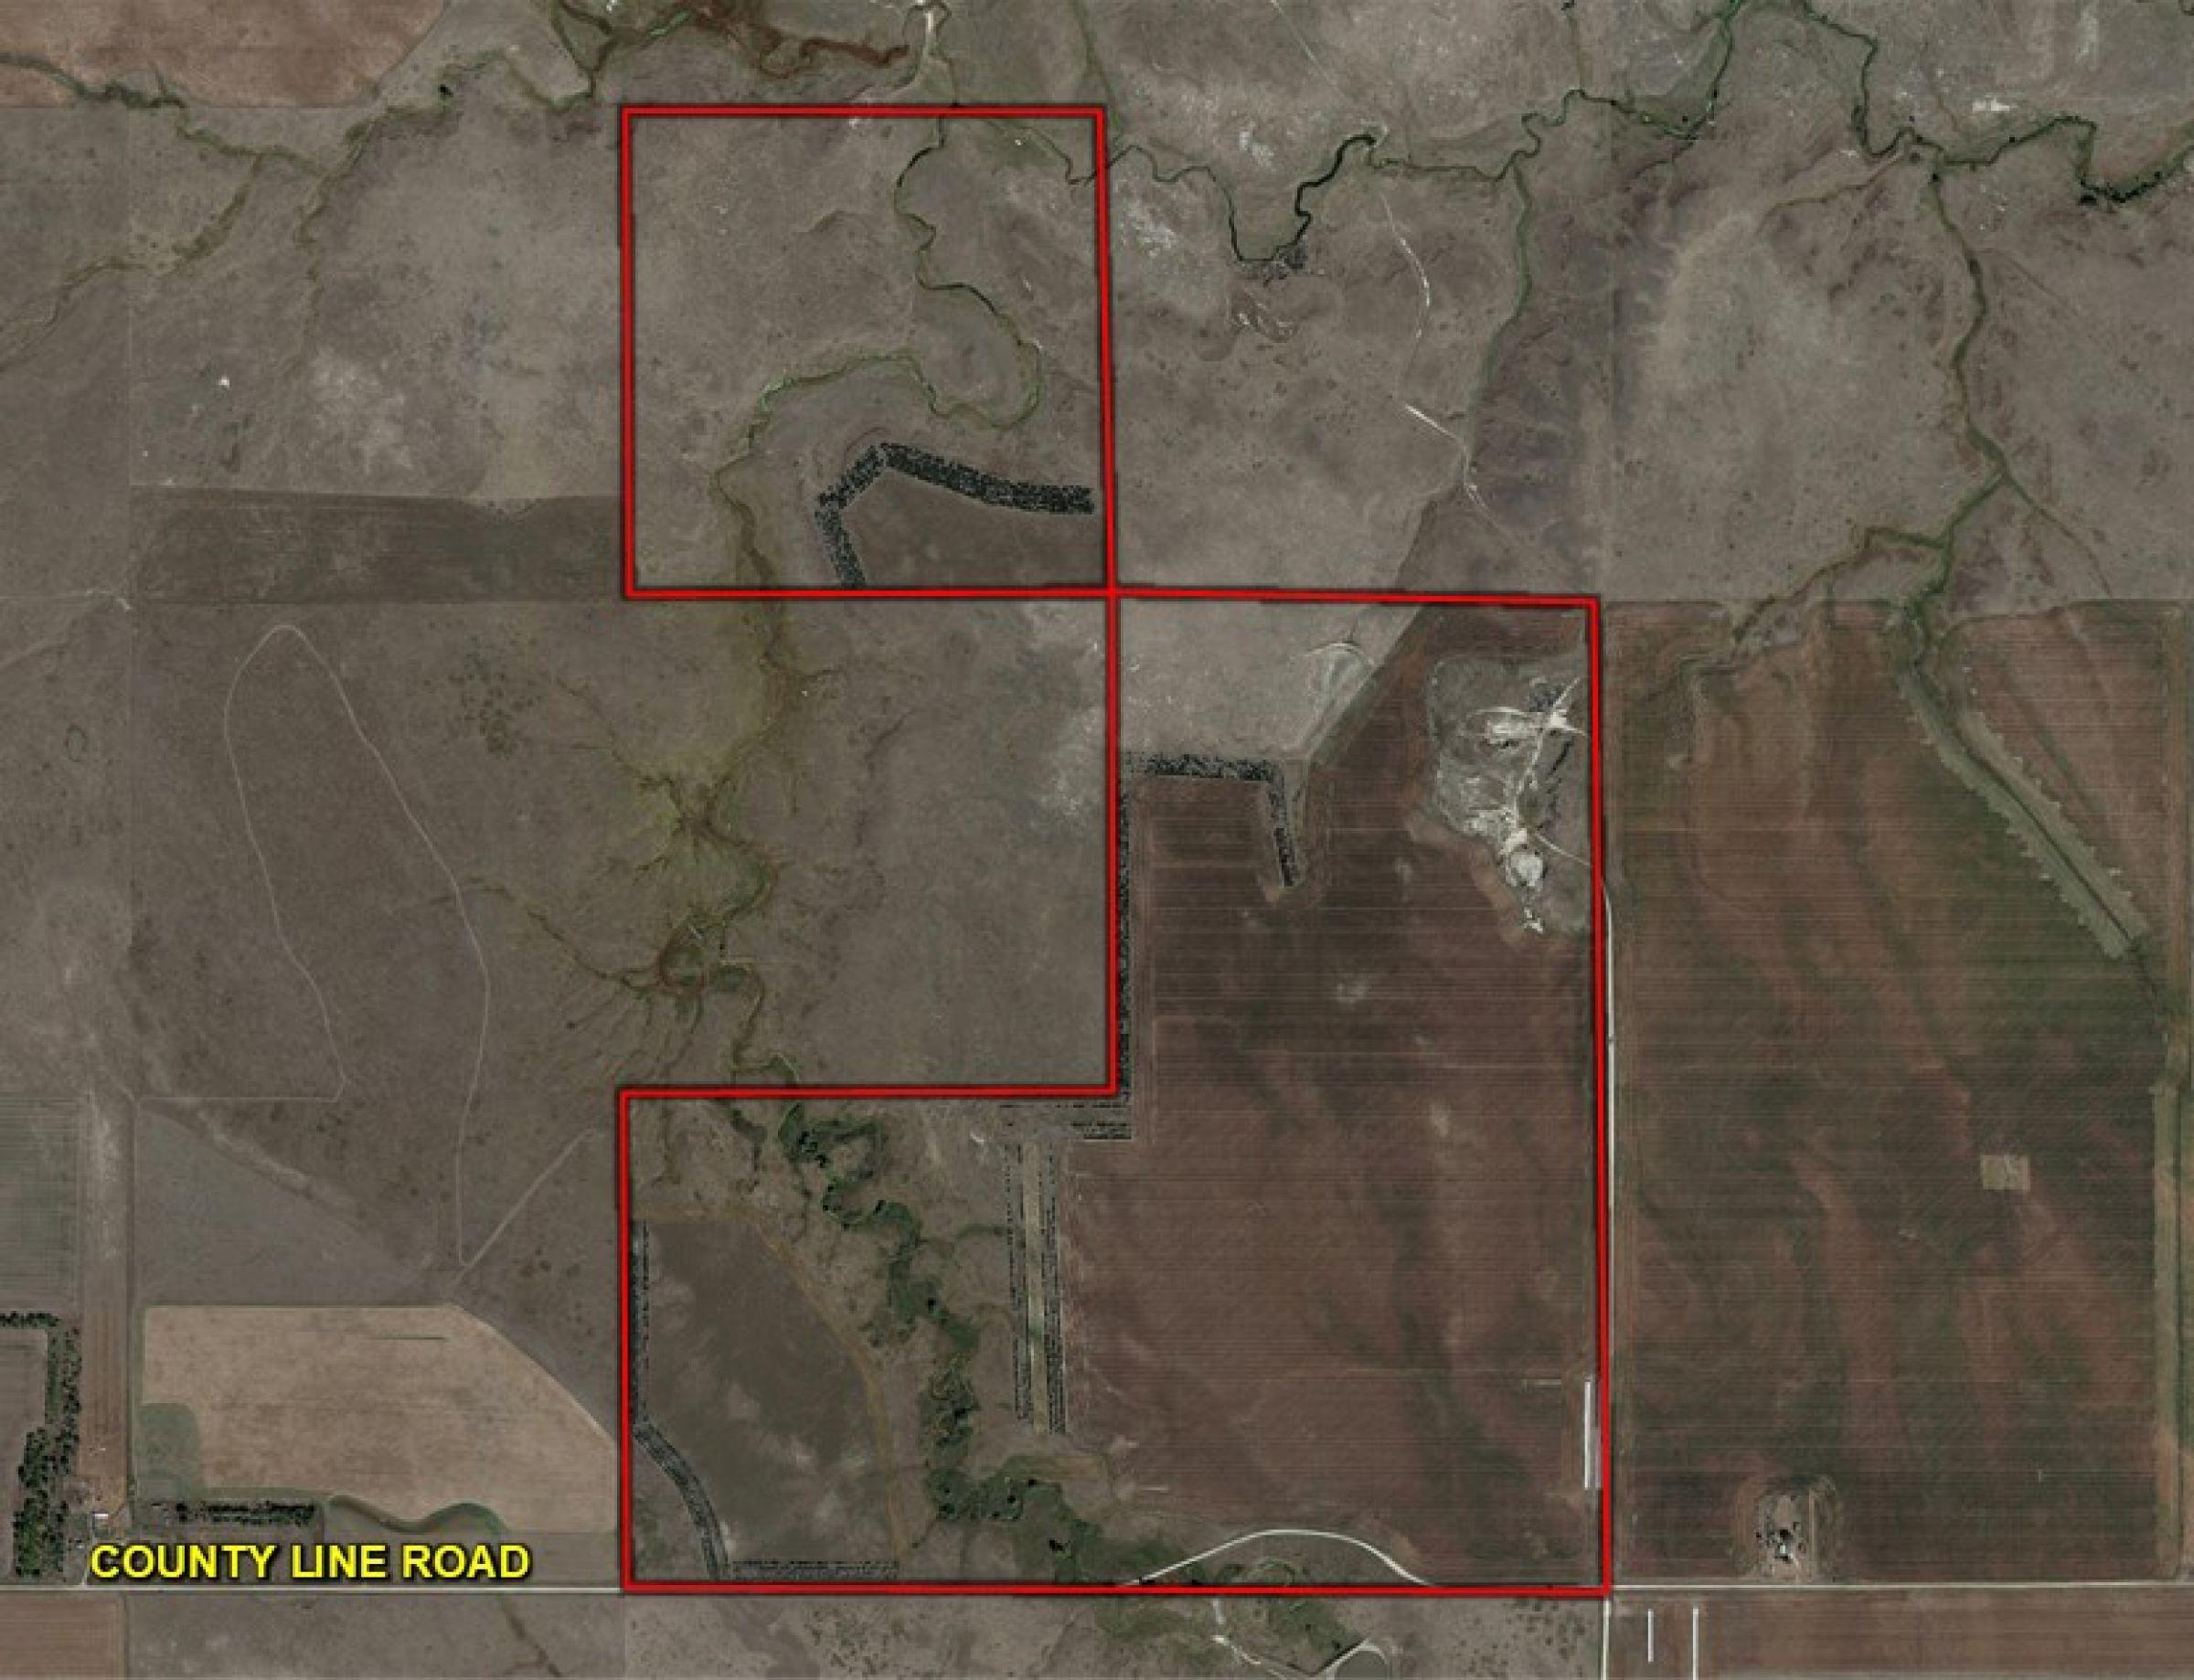 3-county-line-road-parmelee-57566-57567-0-2020-09-30-194811.jpg